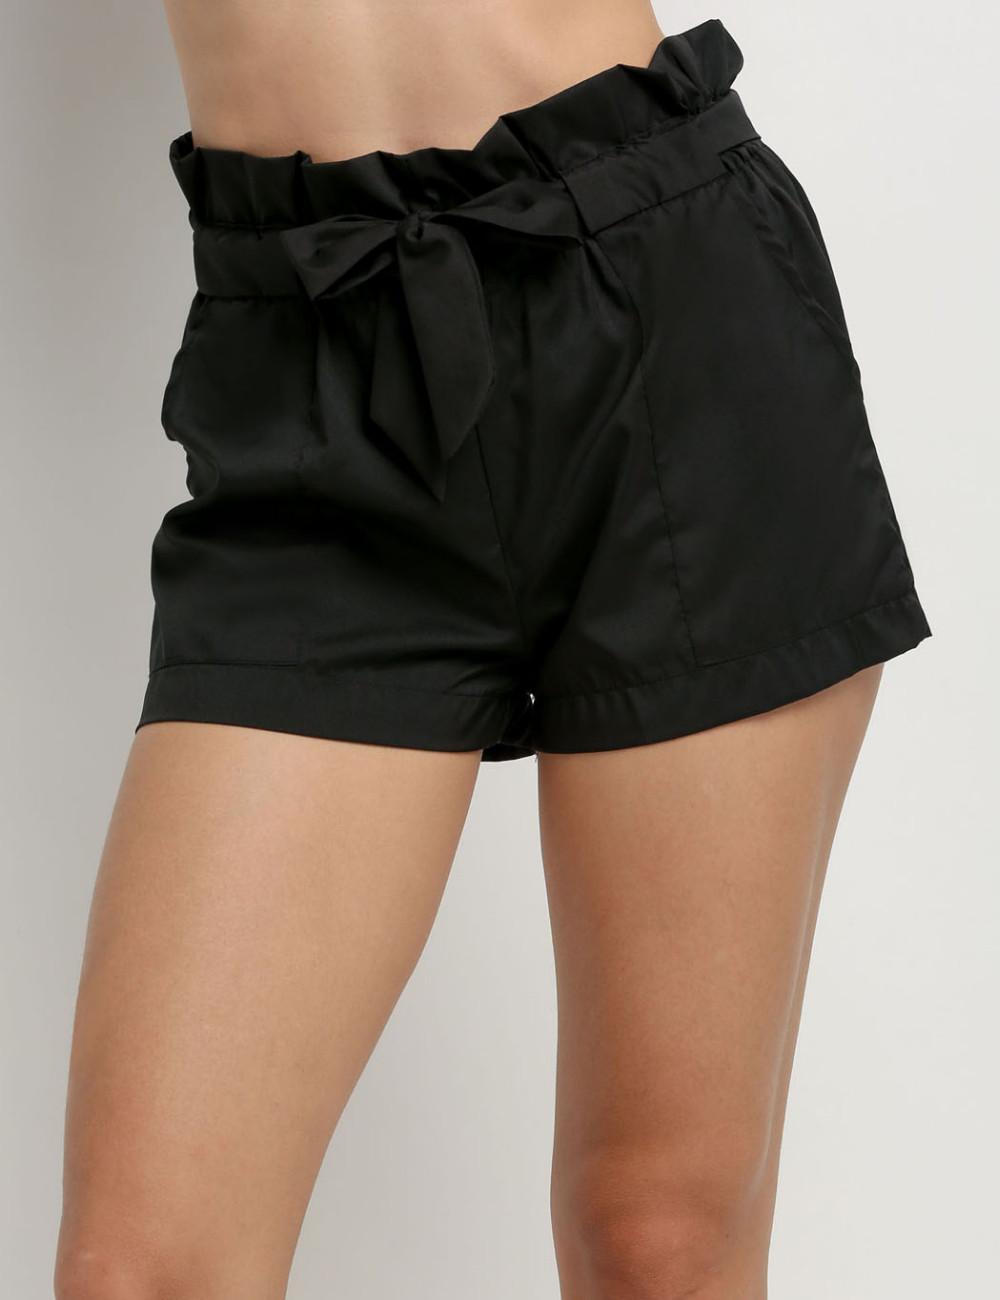 HTB1XM7NNFXXXXbLXpXXq6xXFXXXu - High Waist Shorts Loose Shorts With Belt Woman PTC 59